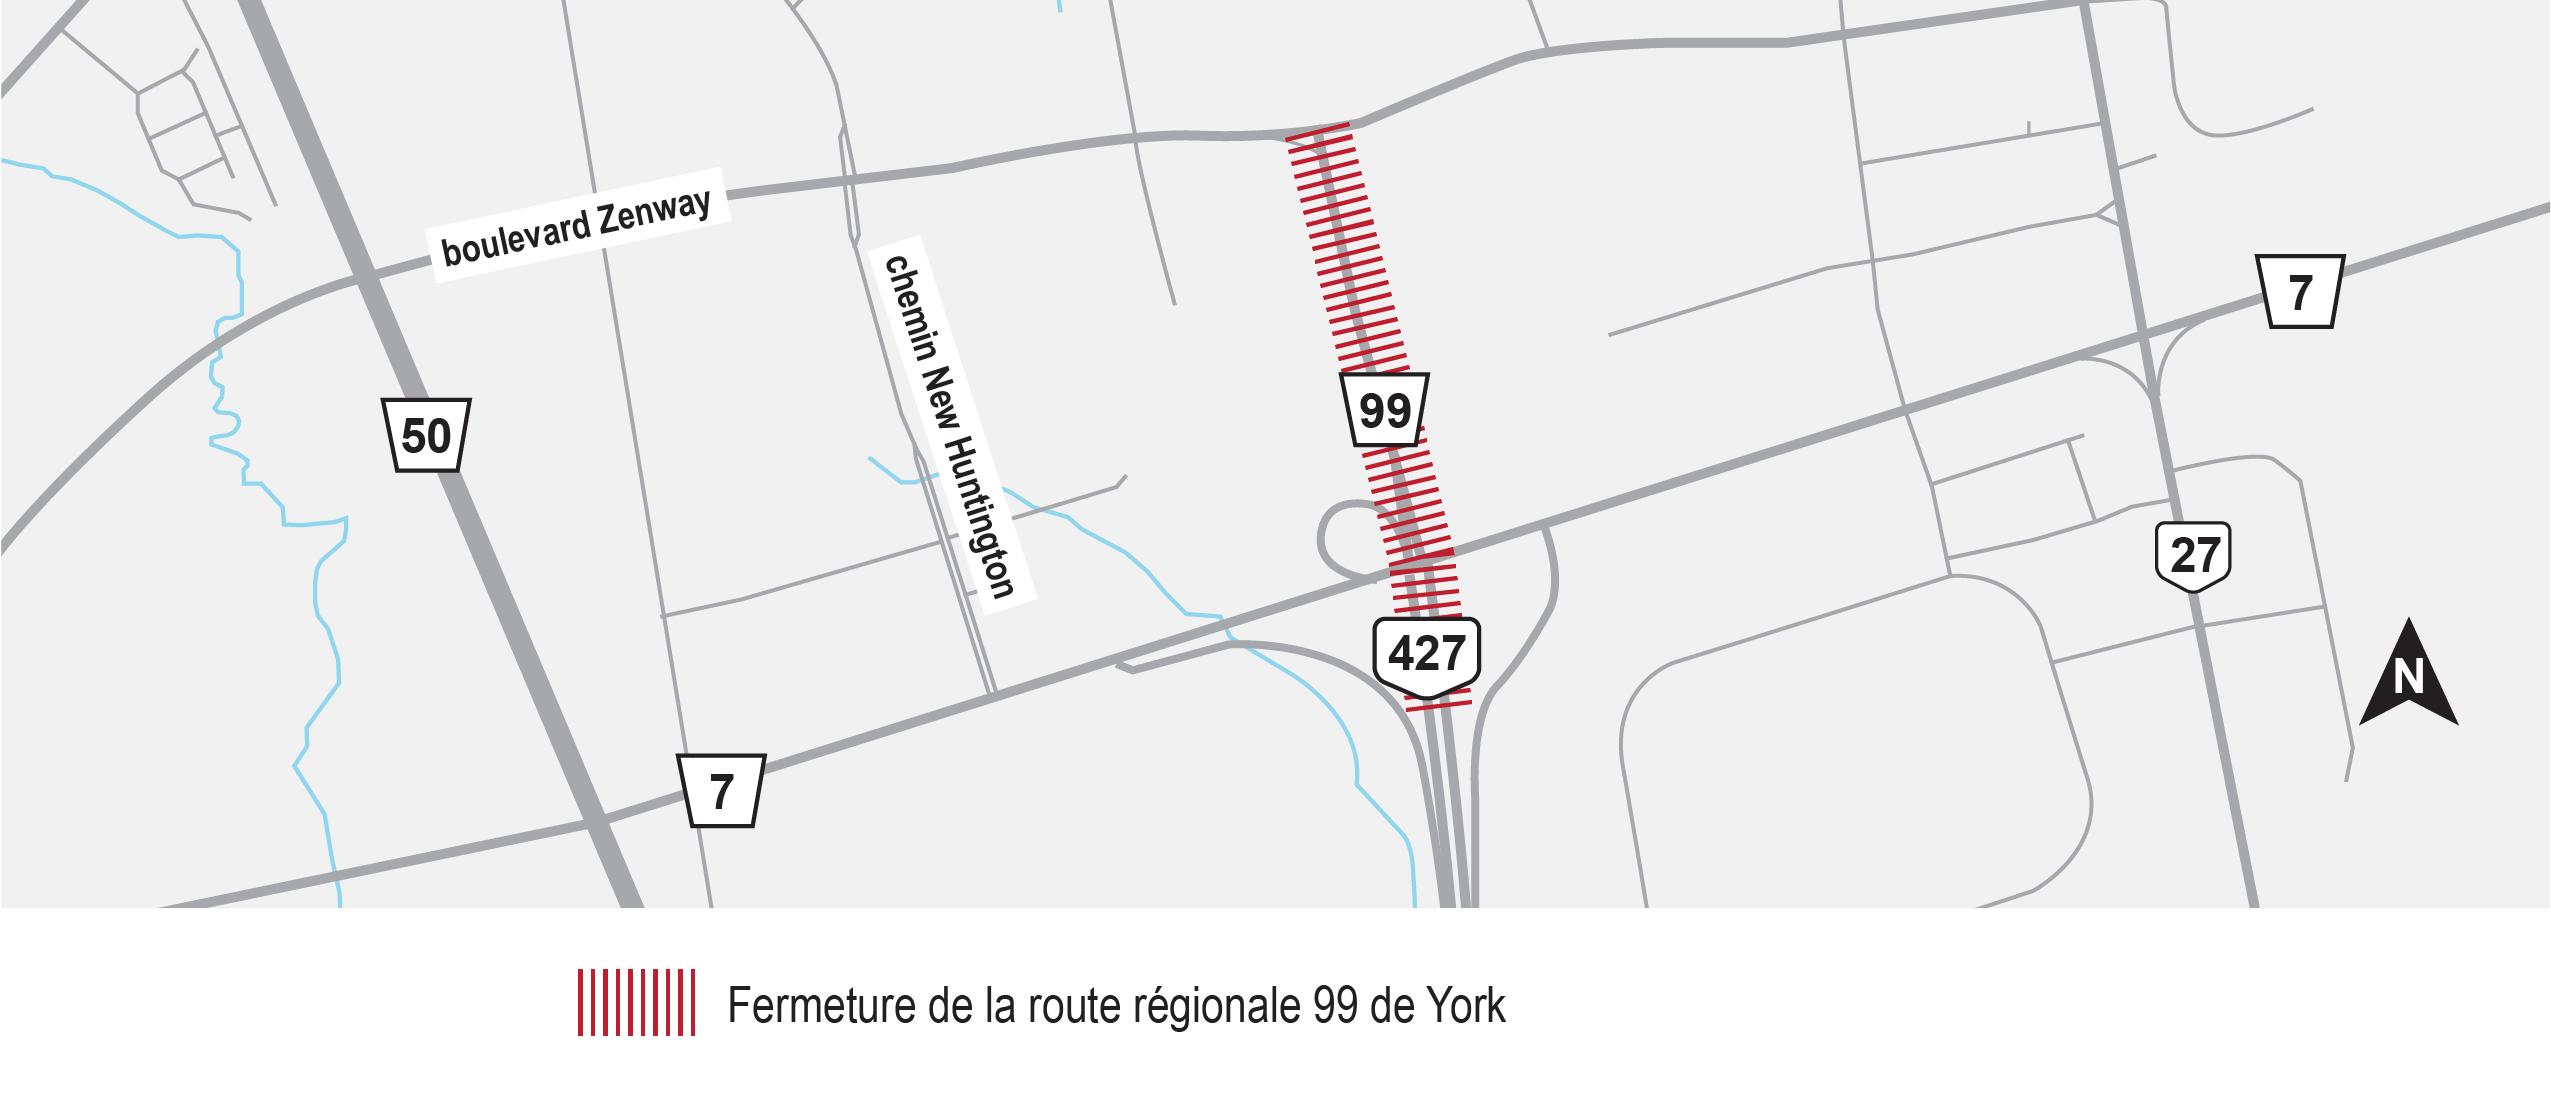 Carte illustrant l'emplacement de la fermeture permanente sur l'autoroute 427 (légalement connue sous le nom de la route régionale de York 99) entre l'autoroute 7 et le boulevard Zenway